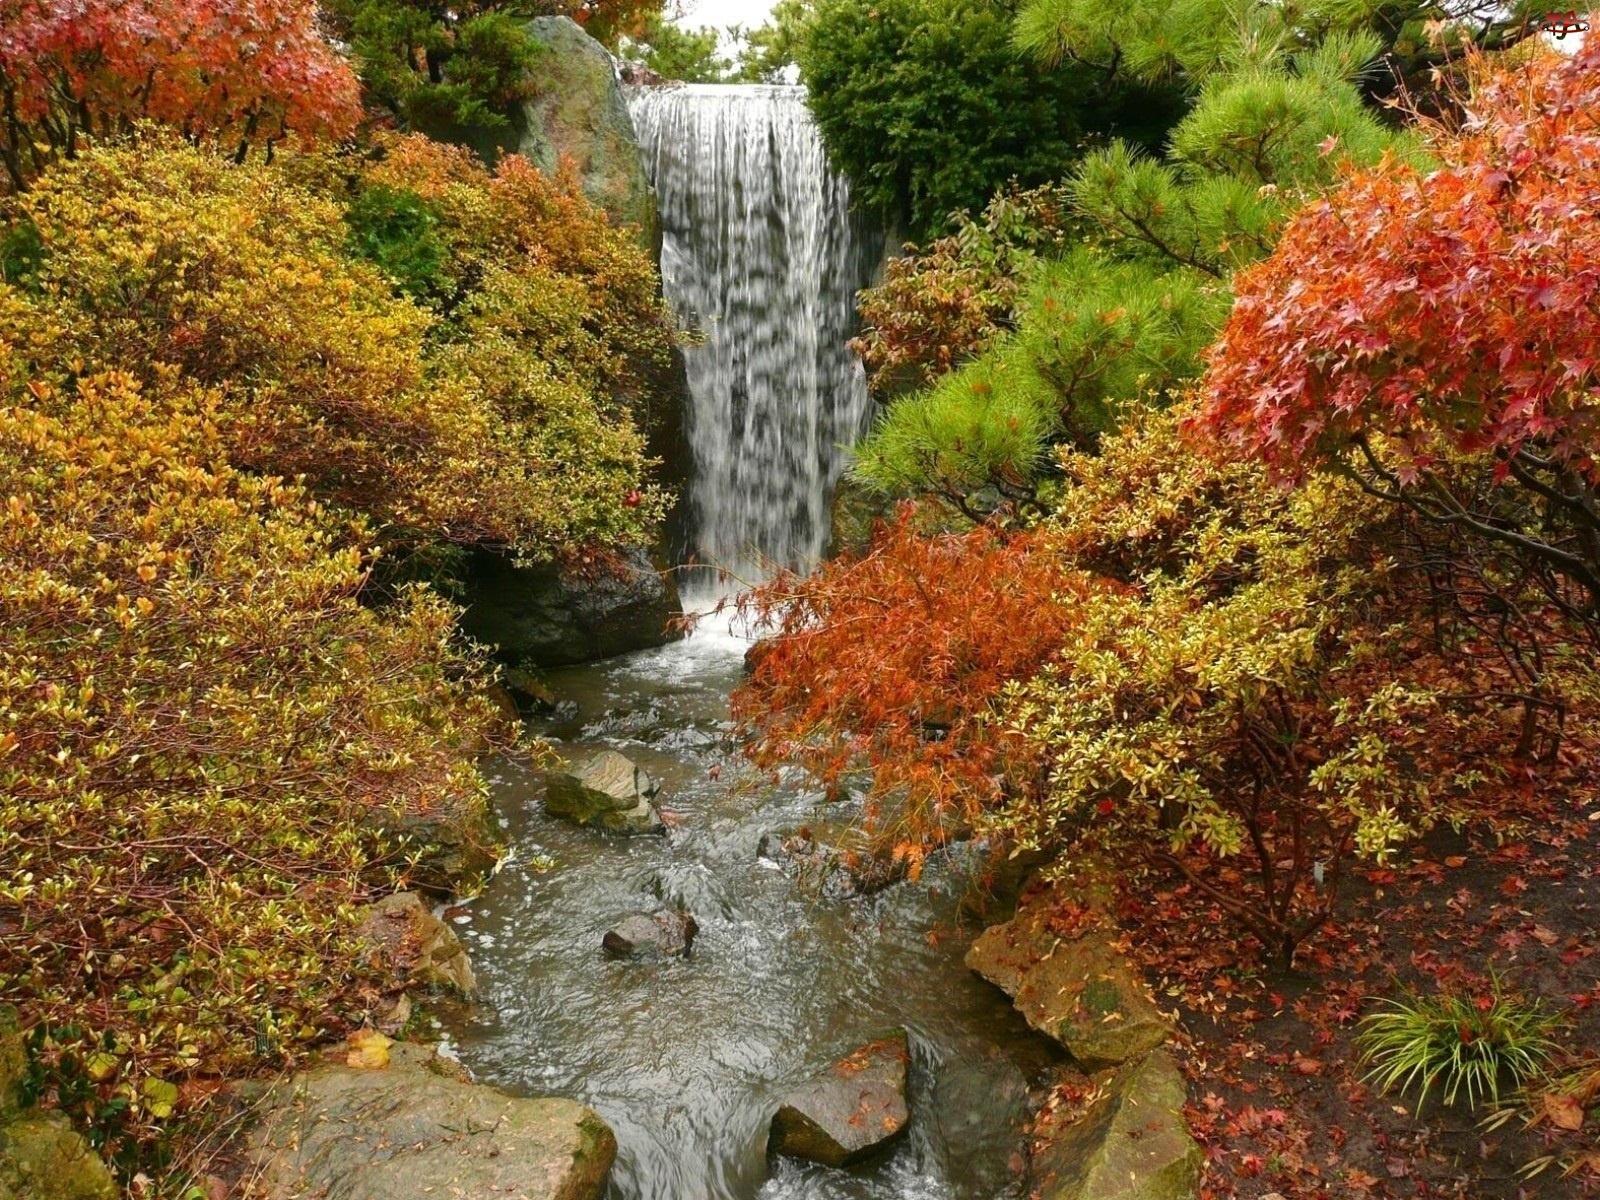 Wodospad, Jesienny, Pejzaż